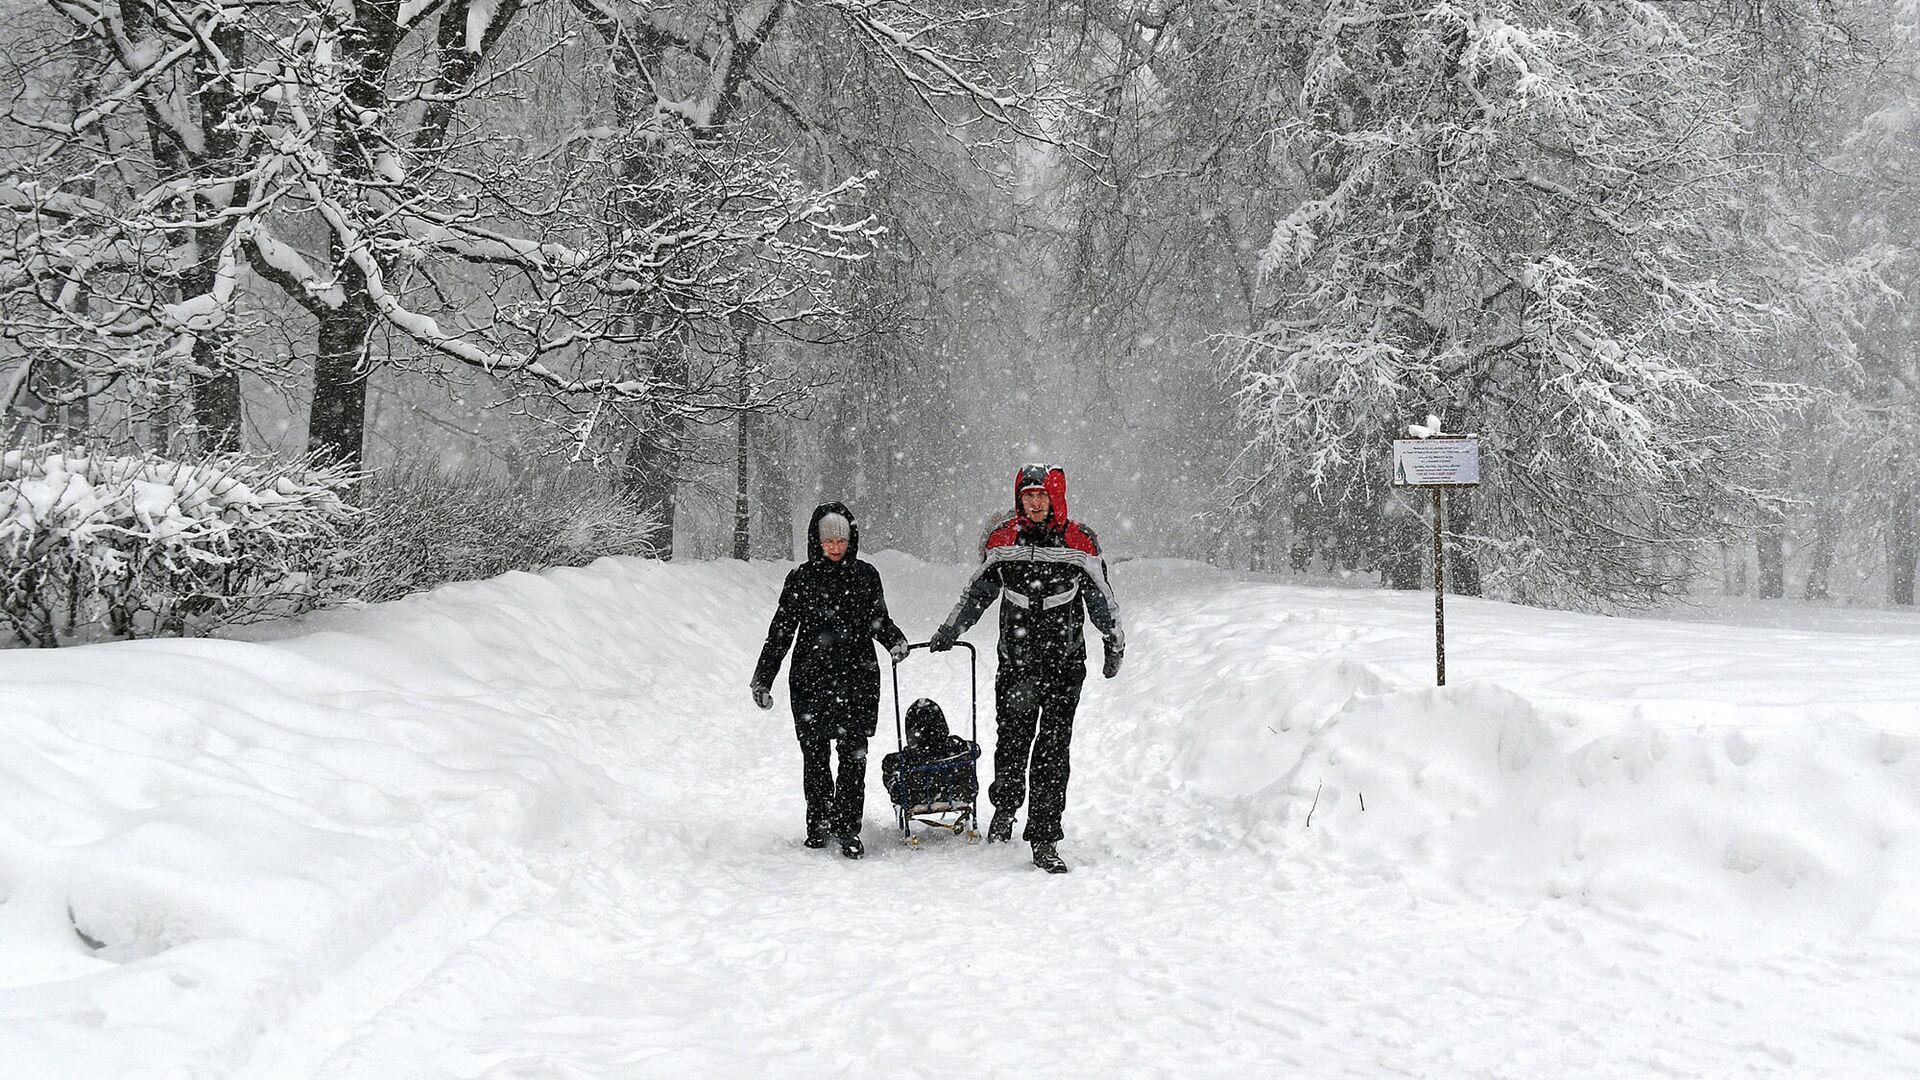 Новогоднее чудо: как подопечные фонда Дети наши провели праздники - РИА Новости, 1920, 03.02.2021